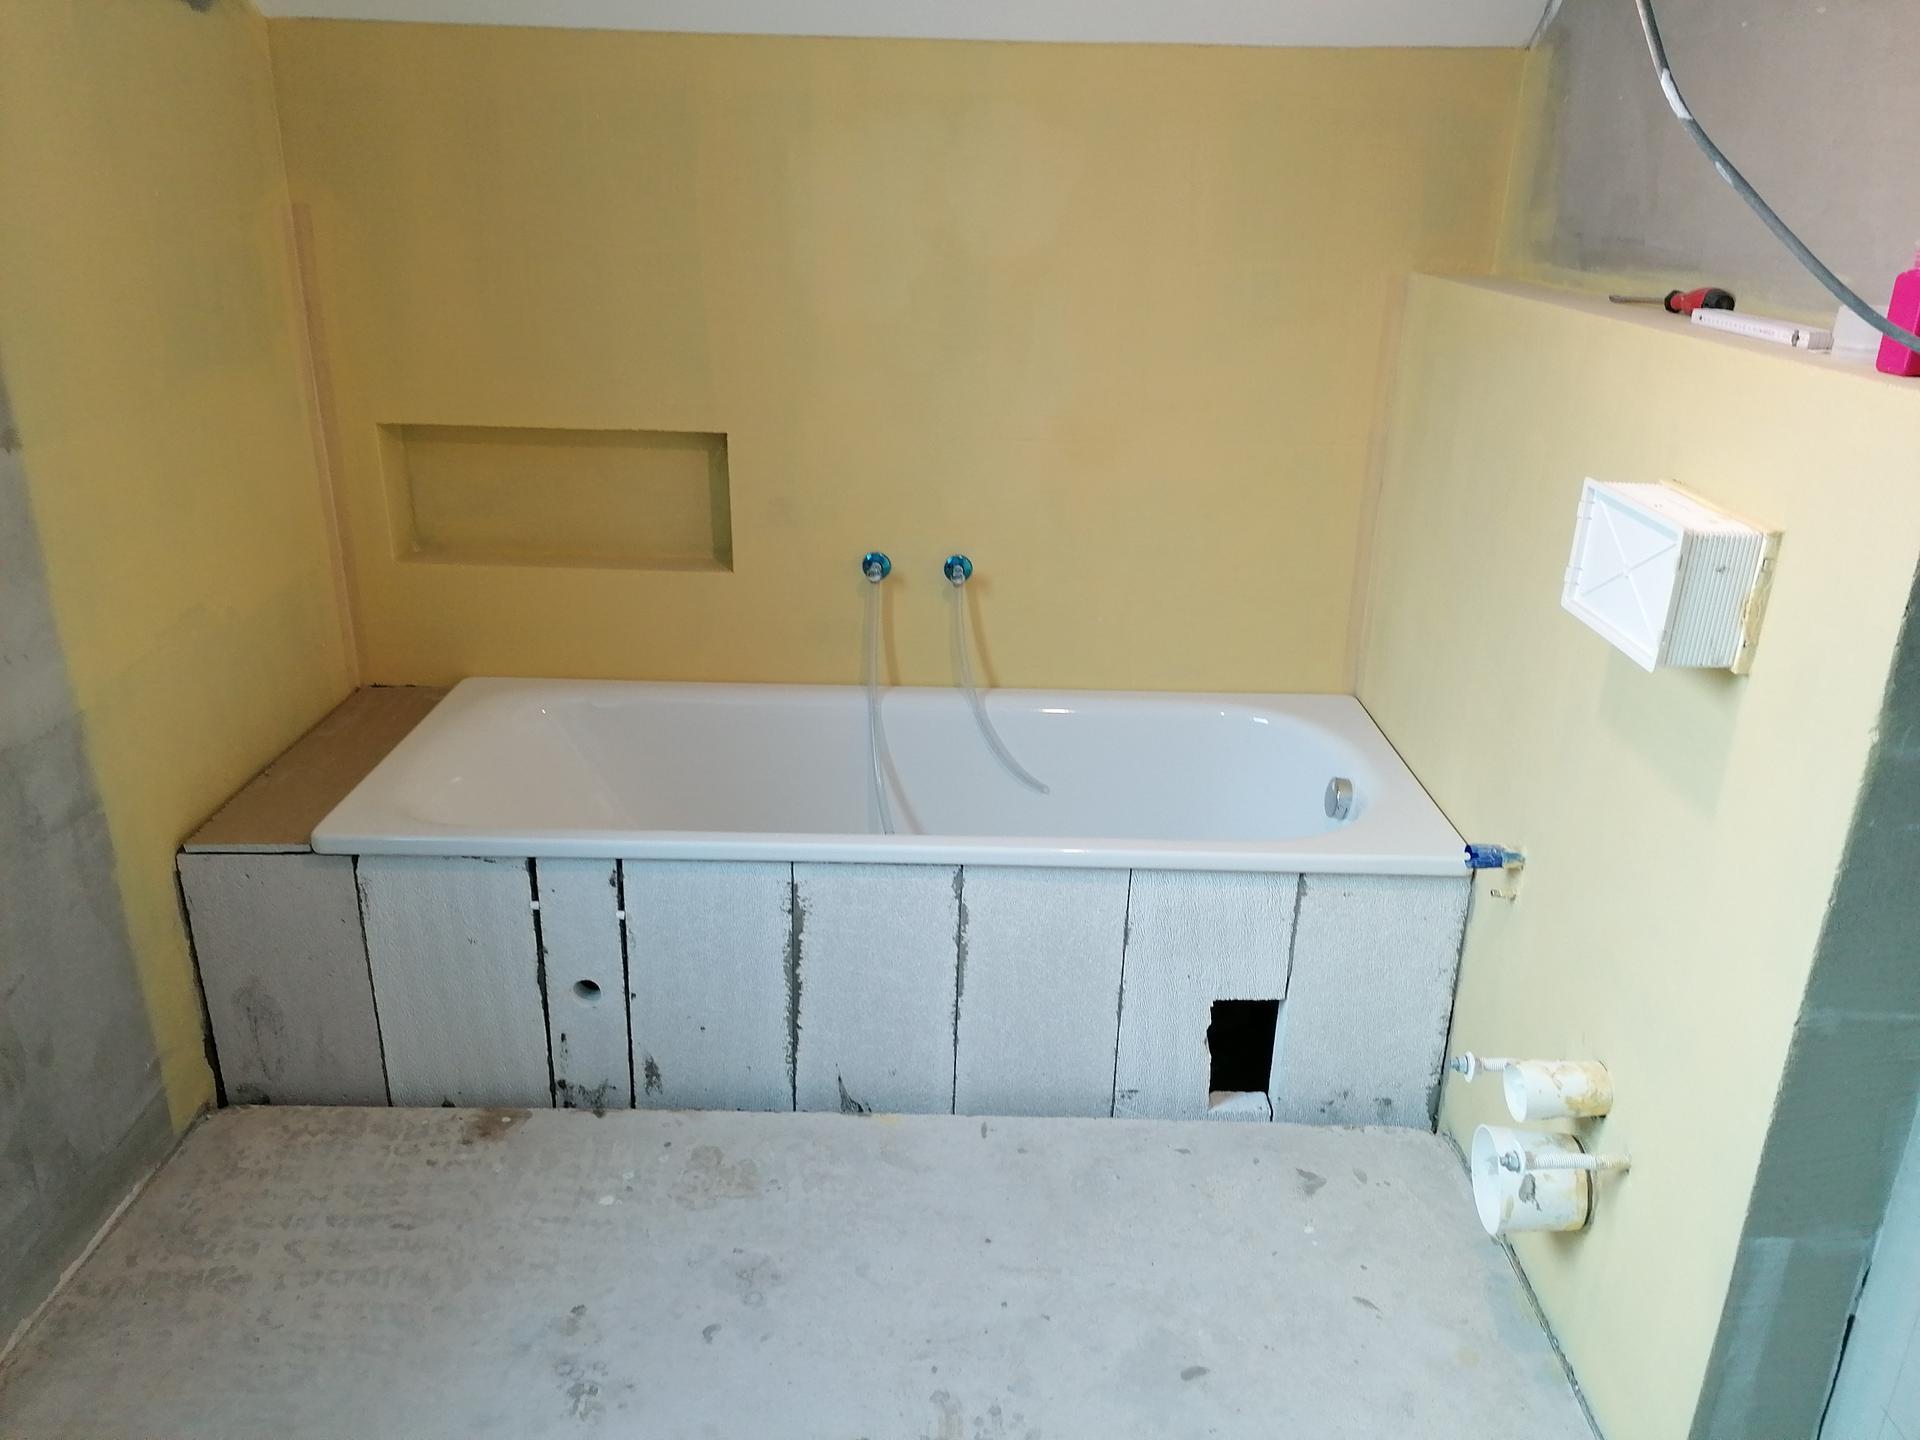 Pasiv Svépomocí 2021 - koupelna v podkroví - hydroizalce u vany